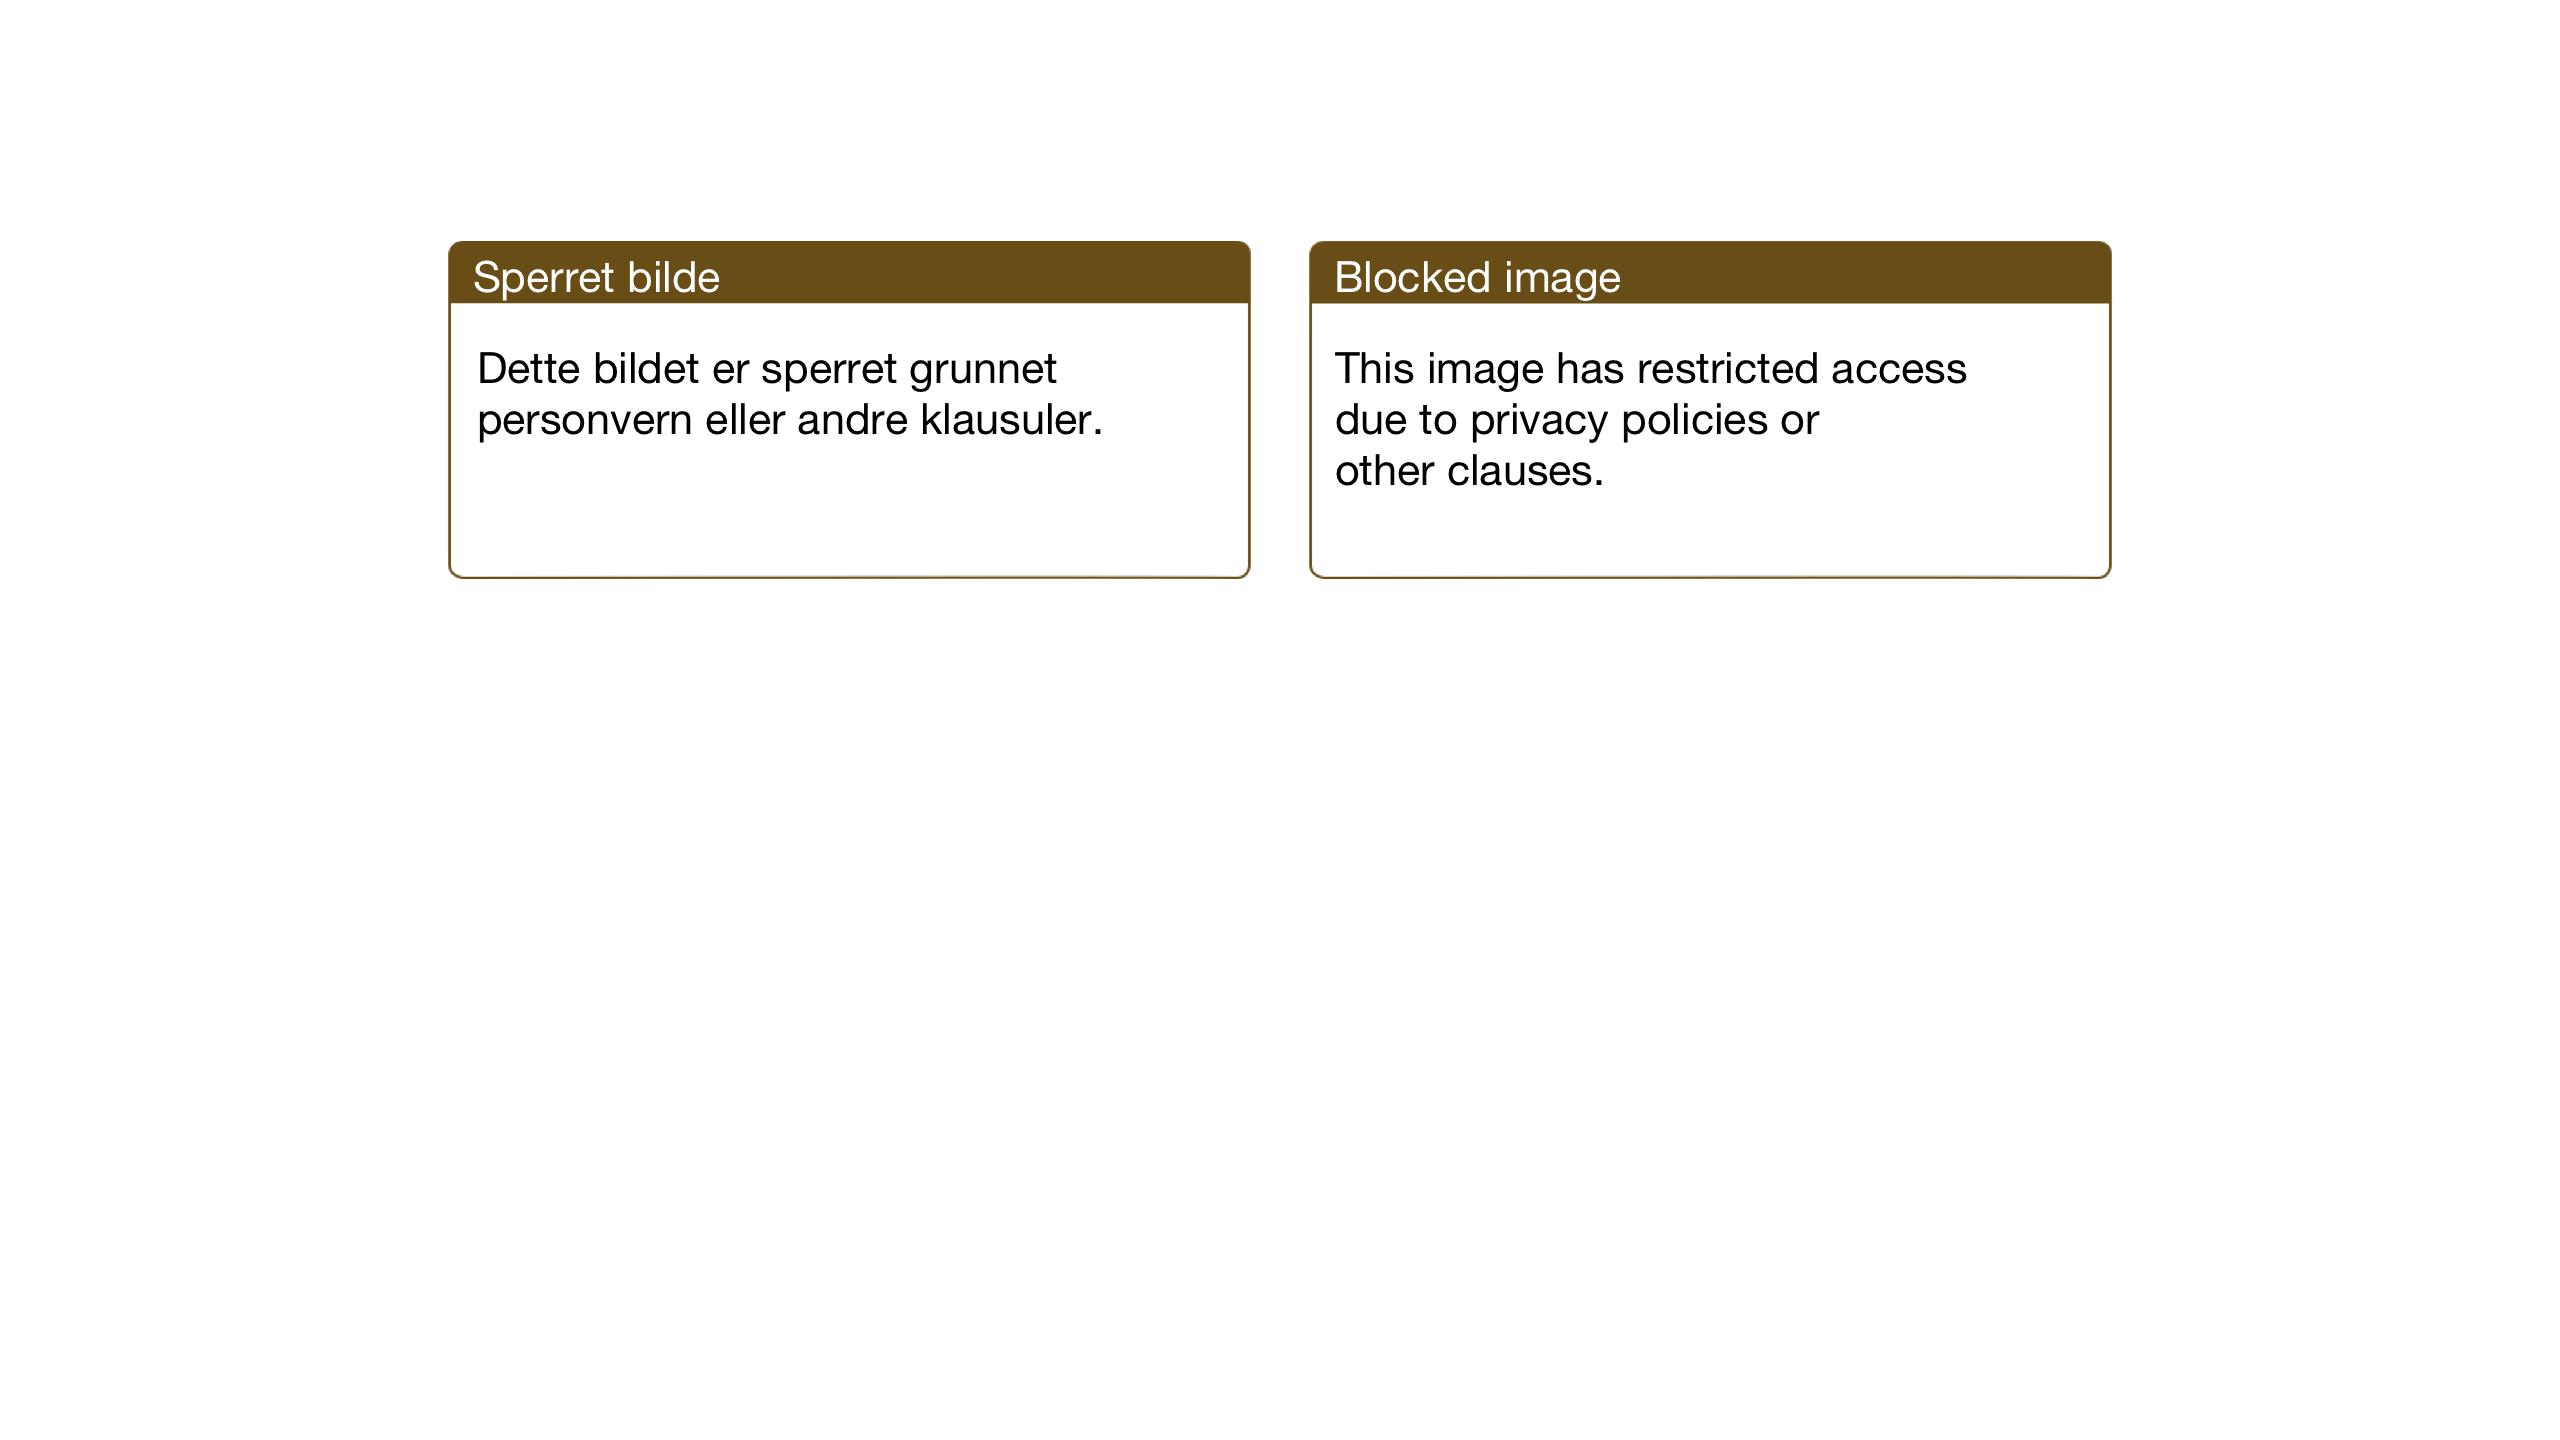 SAT, Ministerialprotokoller, klokkerbøker og fødselsregistre - Nord-Trøndelag, 740/L0383: Klokkerbok nr. 740C04, 1927-1939, s. 46